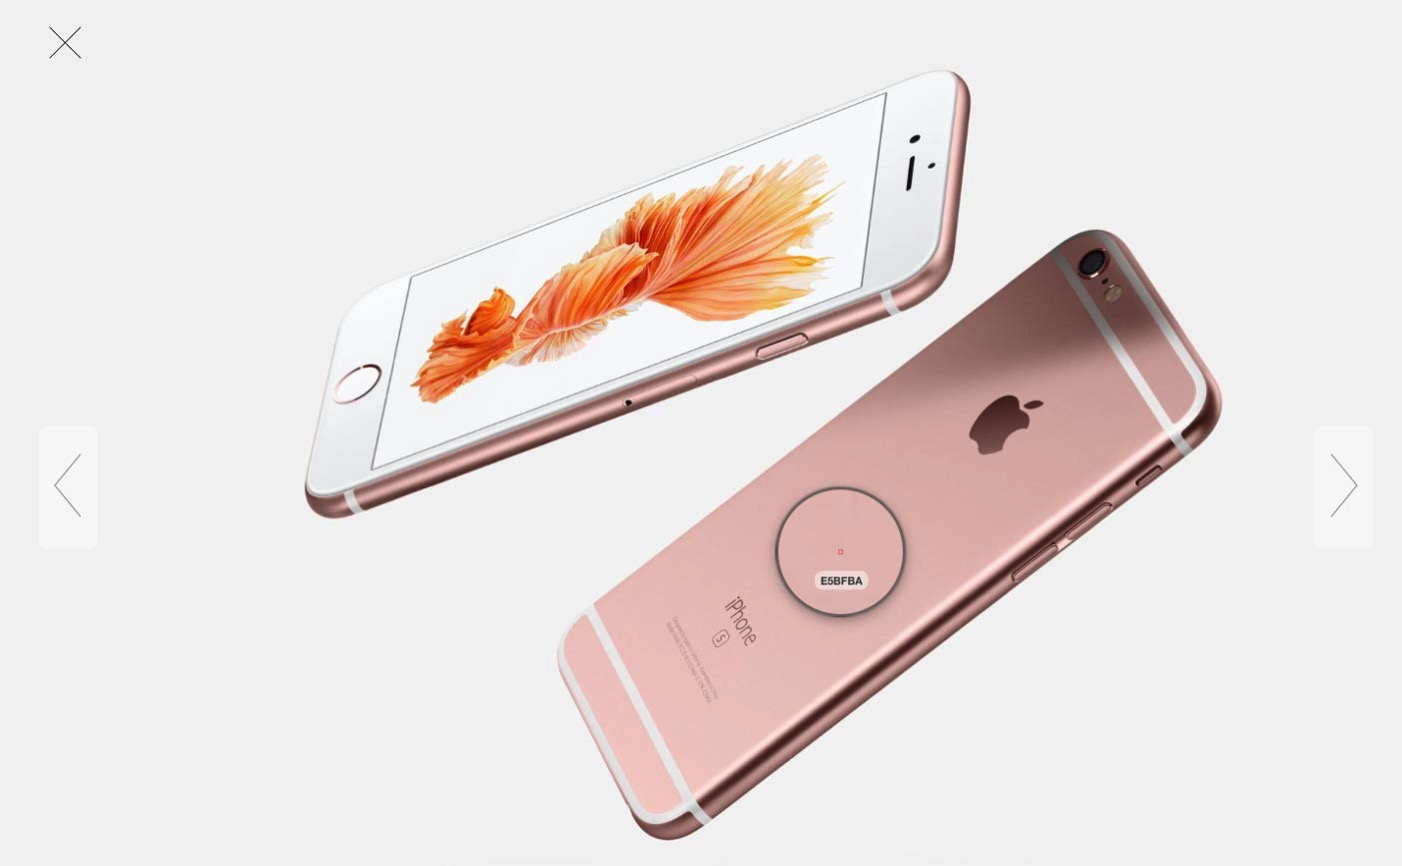 iPhone 6sのローズゴールドの色を調べてみた